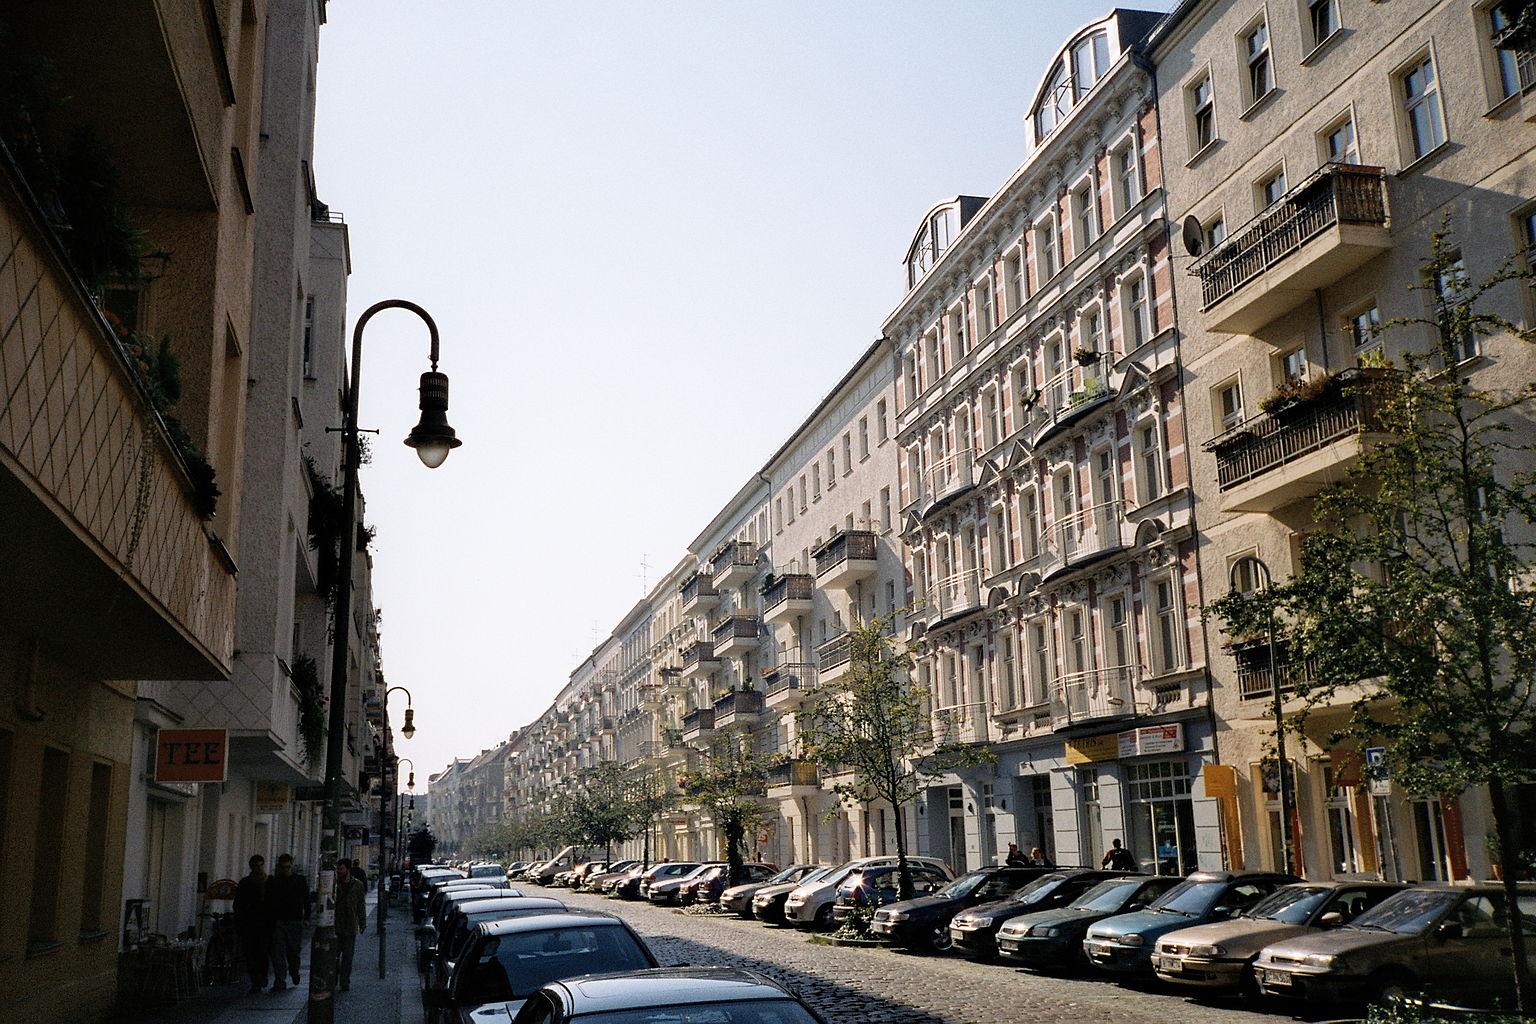 1536px-Mainzer_Straße_Friedrichshain_Berlin